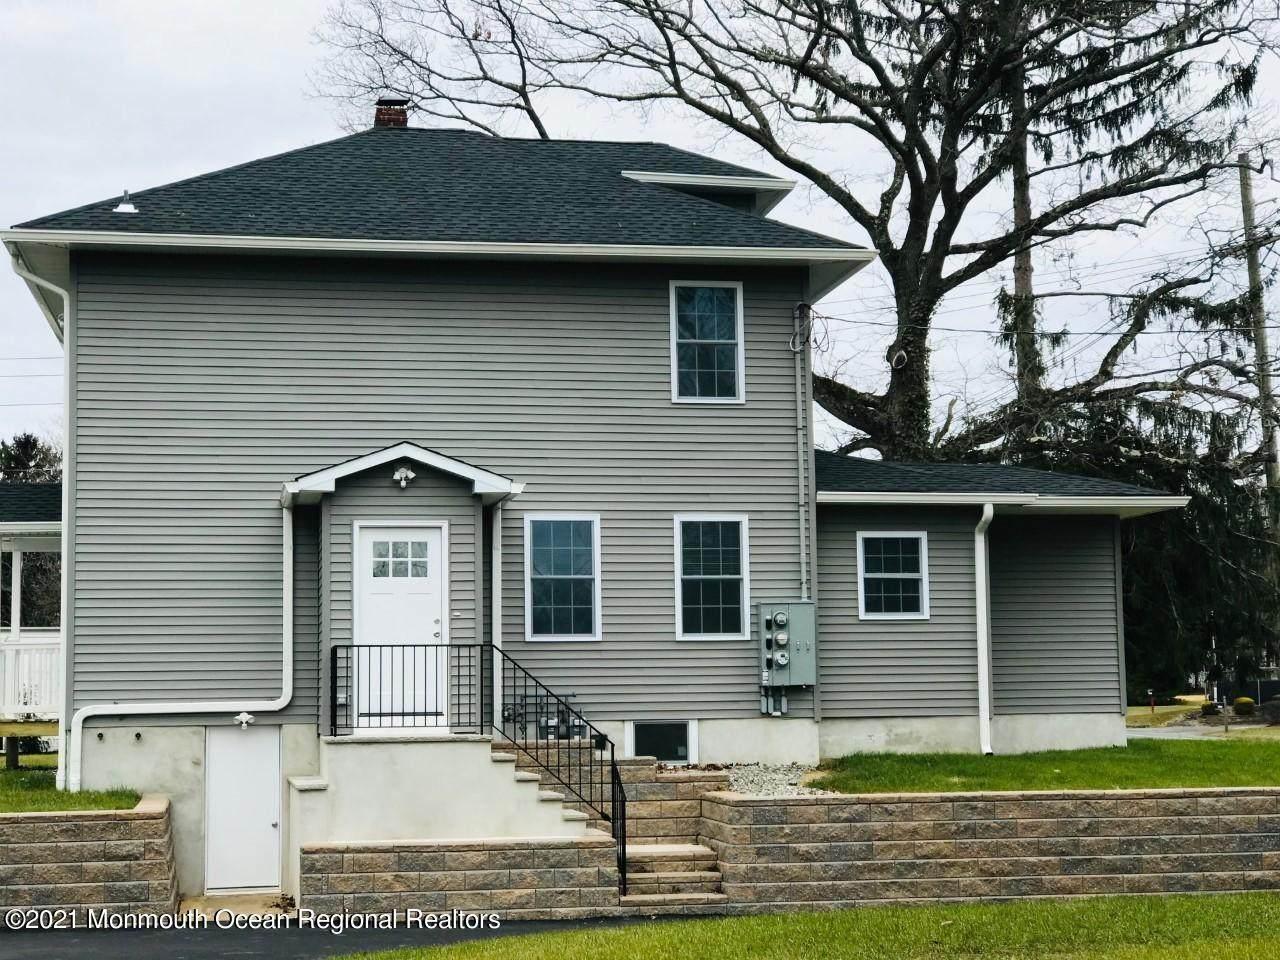 1253 Yardville Allentown Road - Photo 1